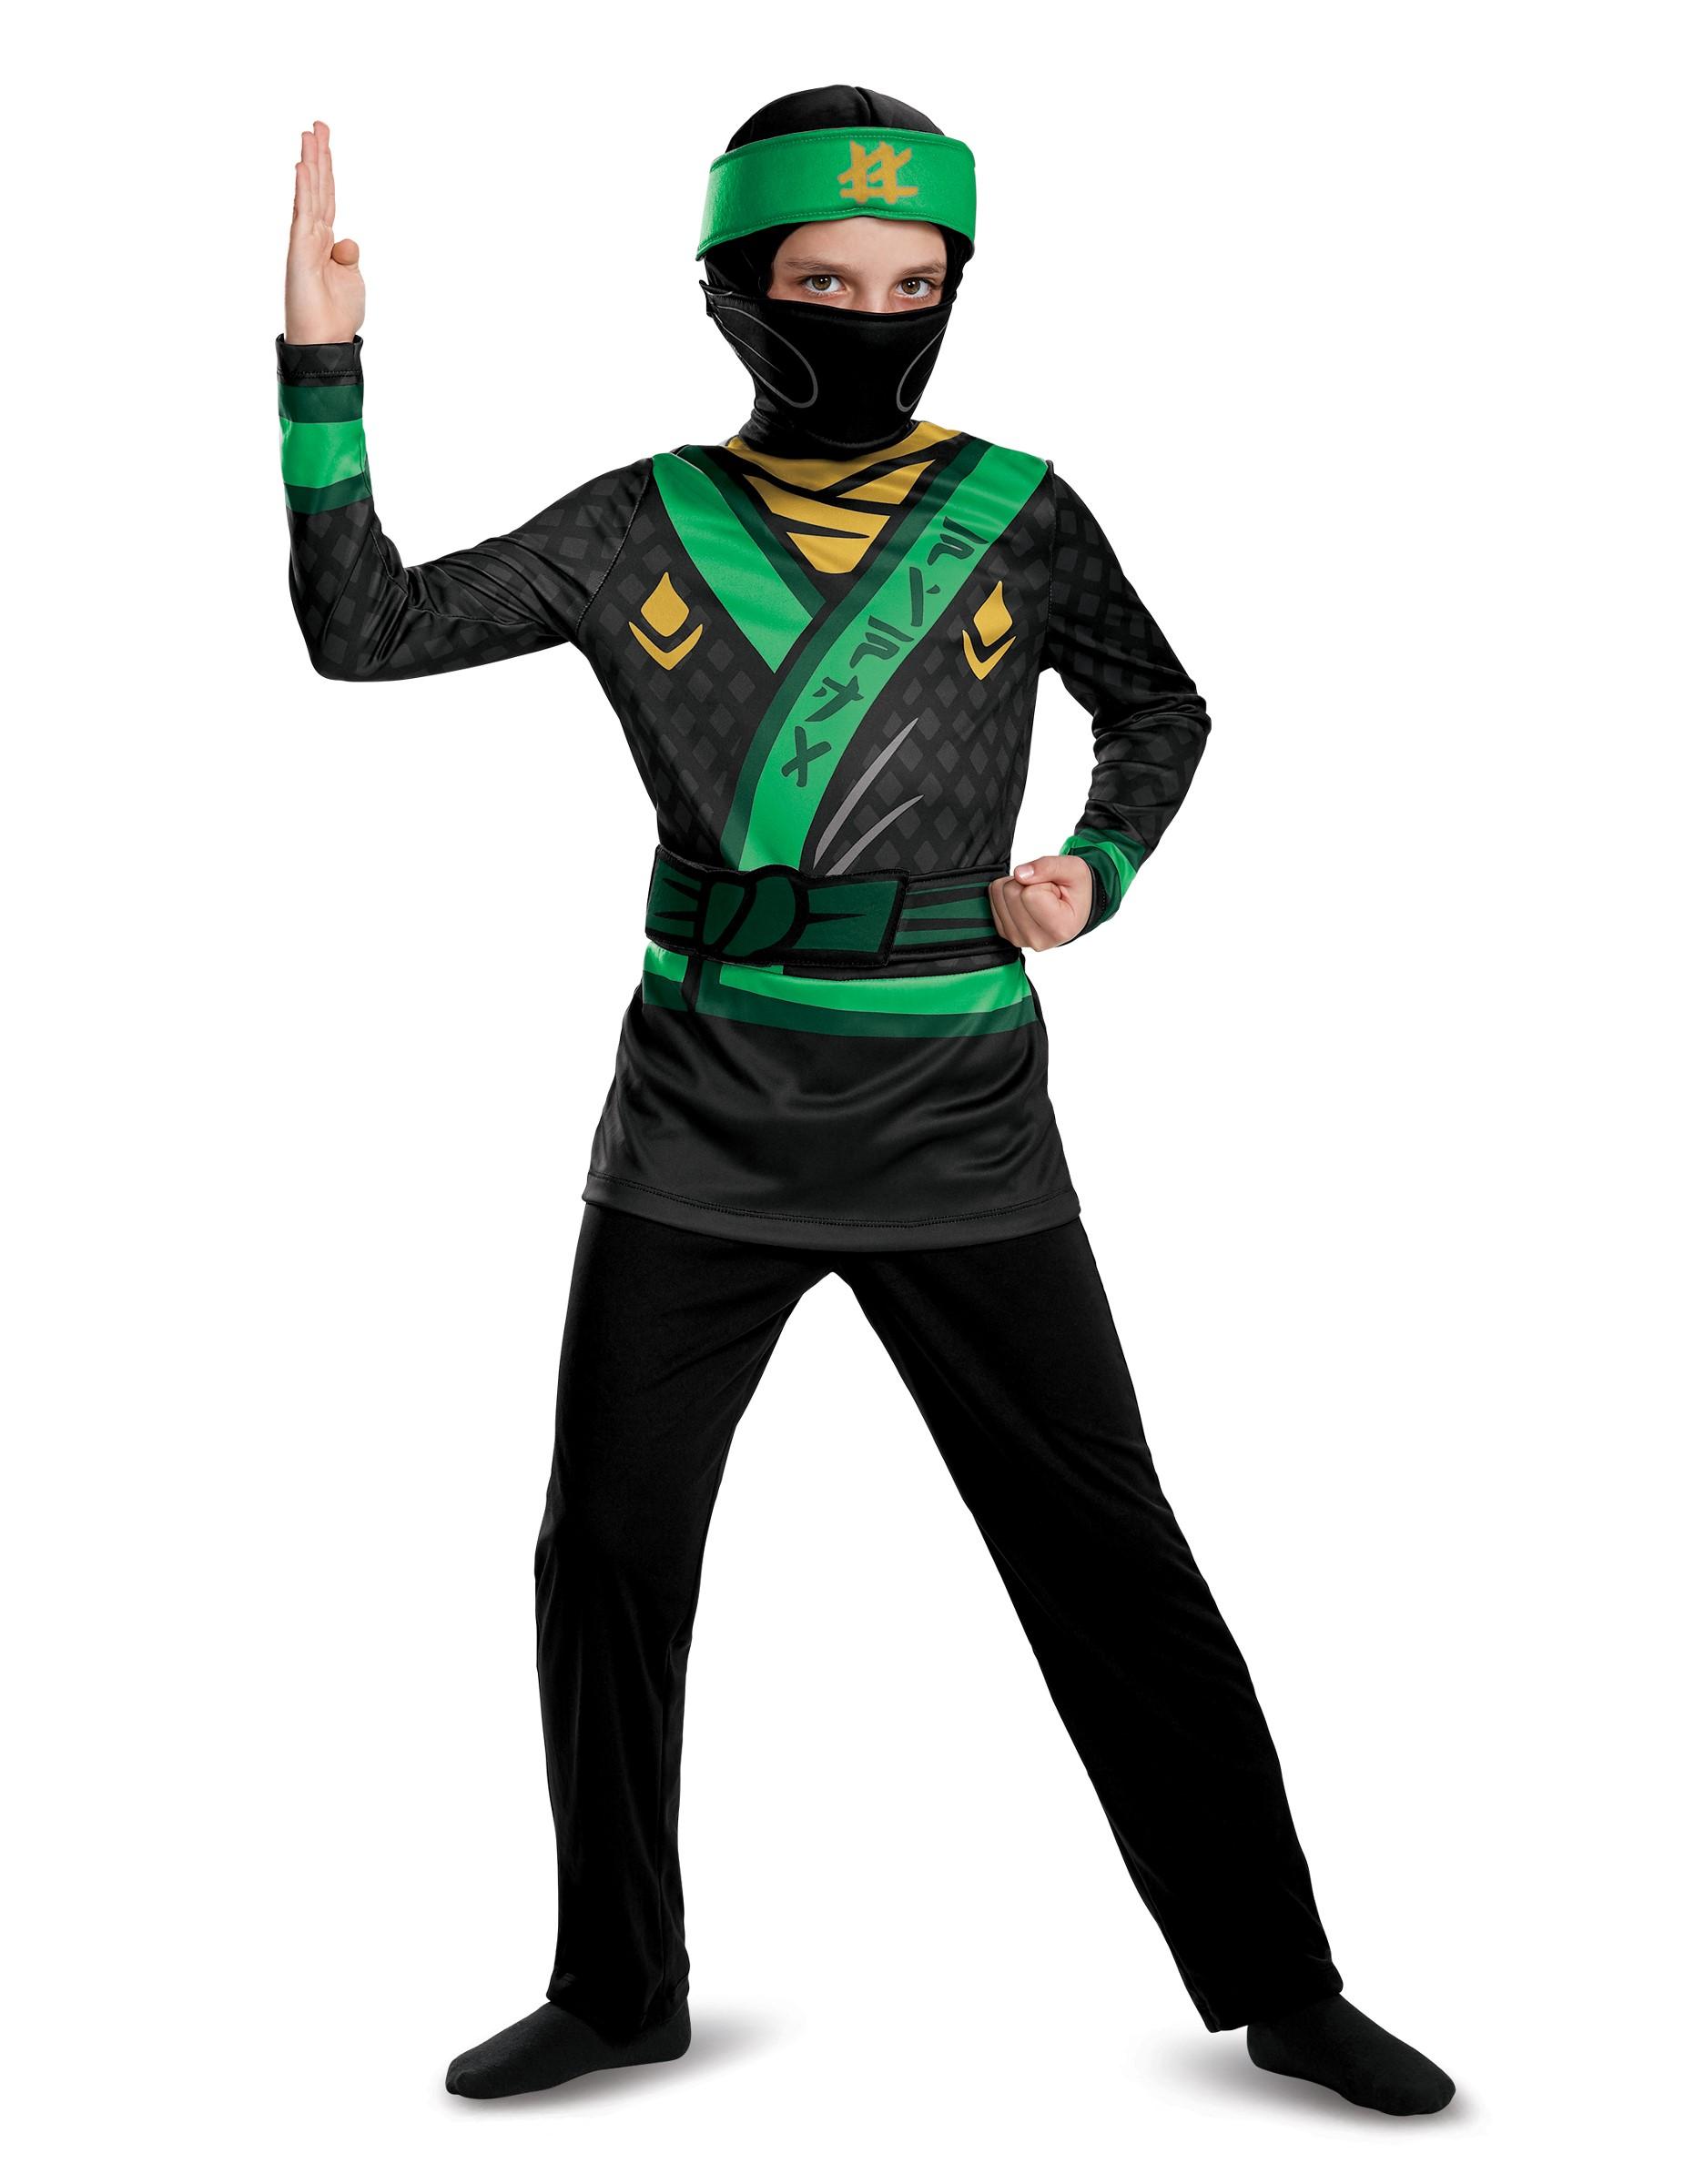 Lloyd från Ninjago™ - Maskeraddräkt för barn från Lego® 5723928a78816